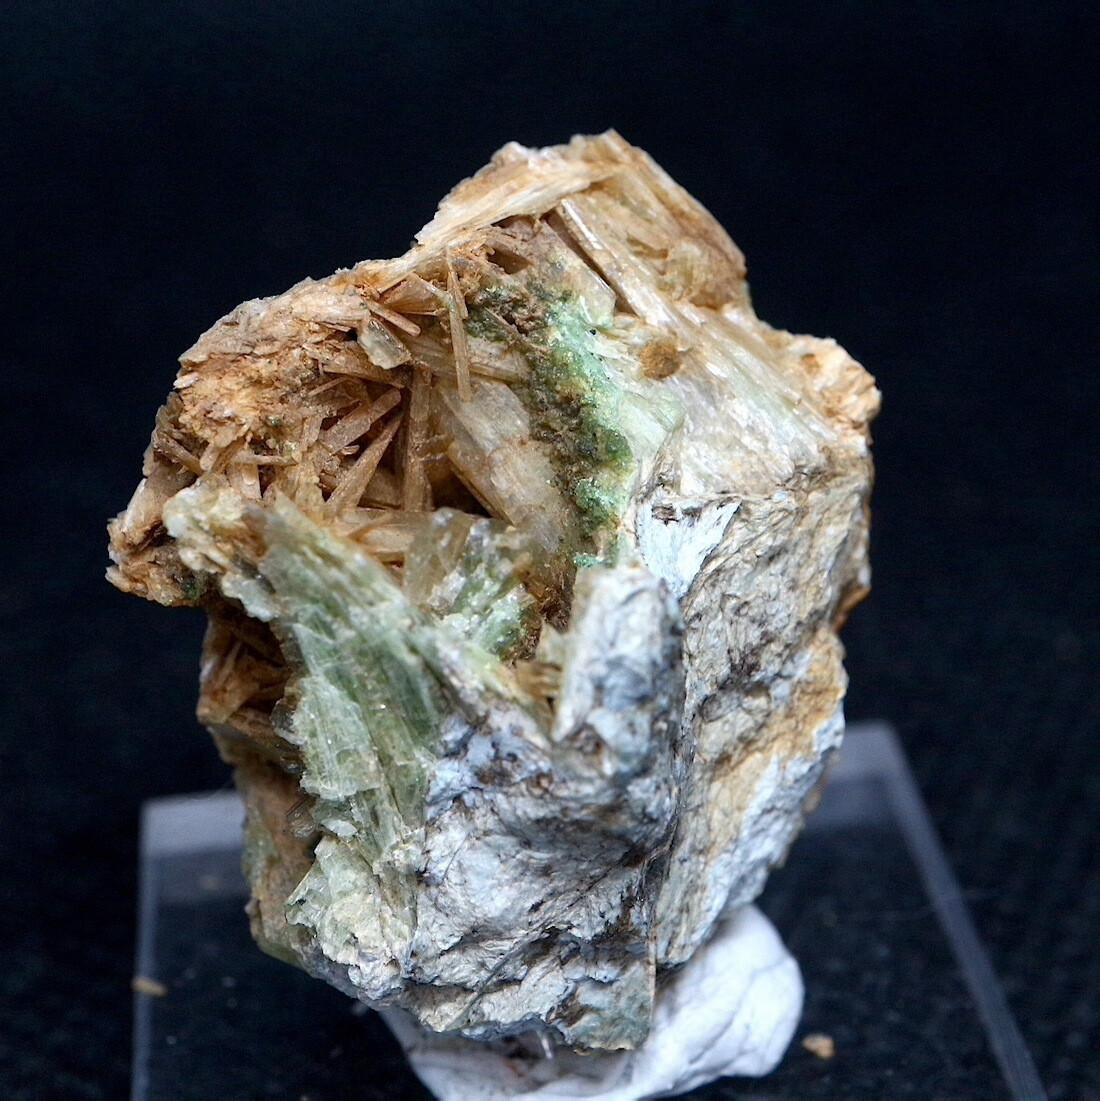 カリフォルニア産 ダイオプサイド + ウバロバイト  10,5g  DPT022 原石 鉱物 天然石 パワーストーン